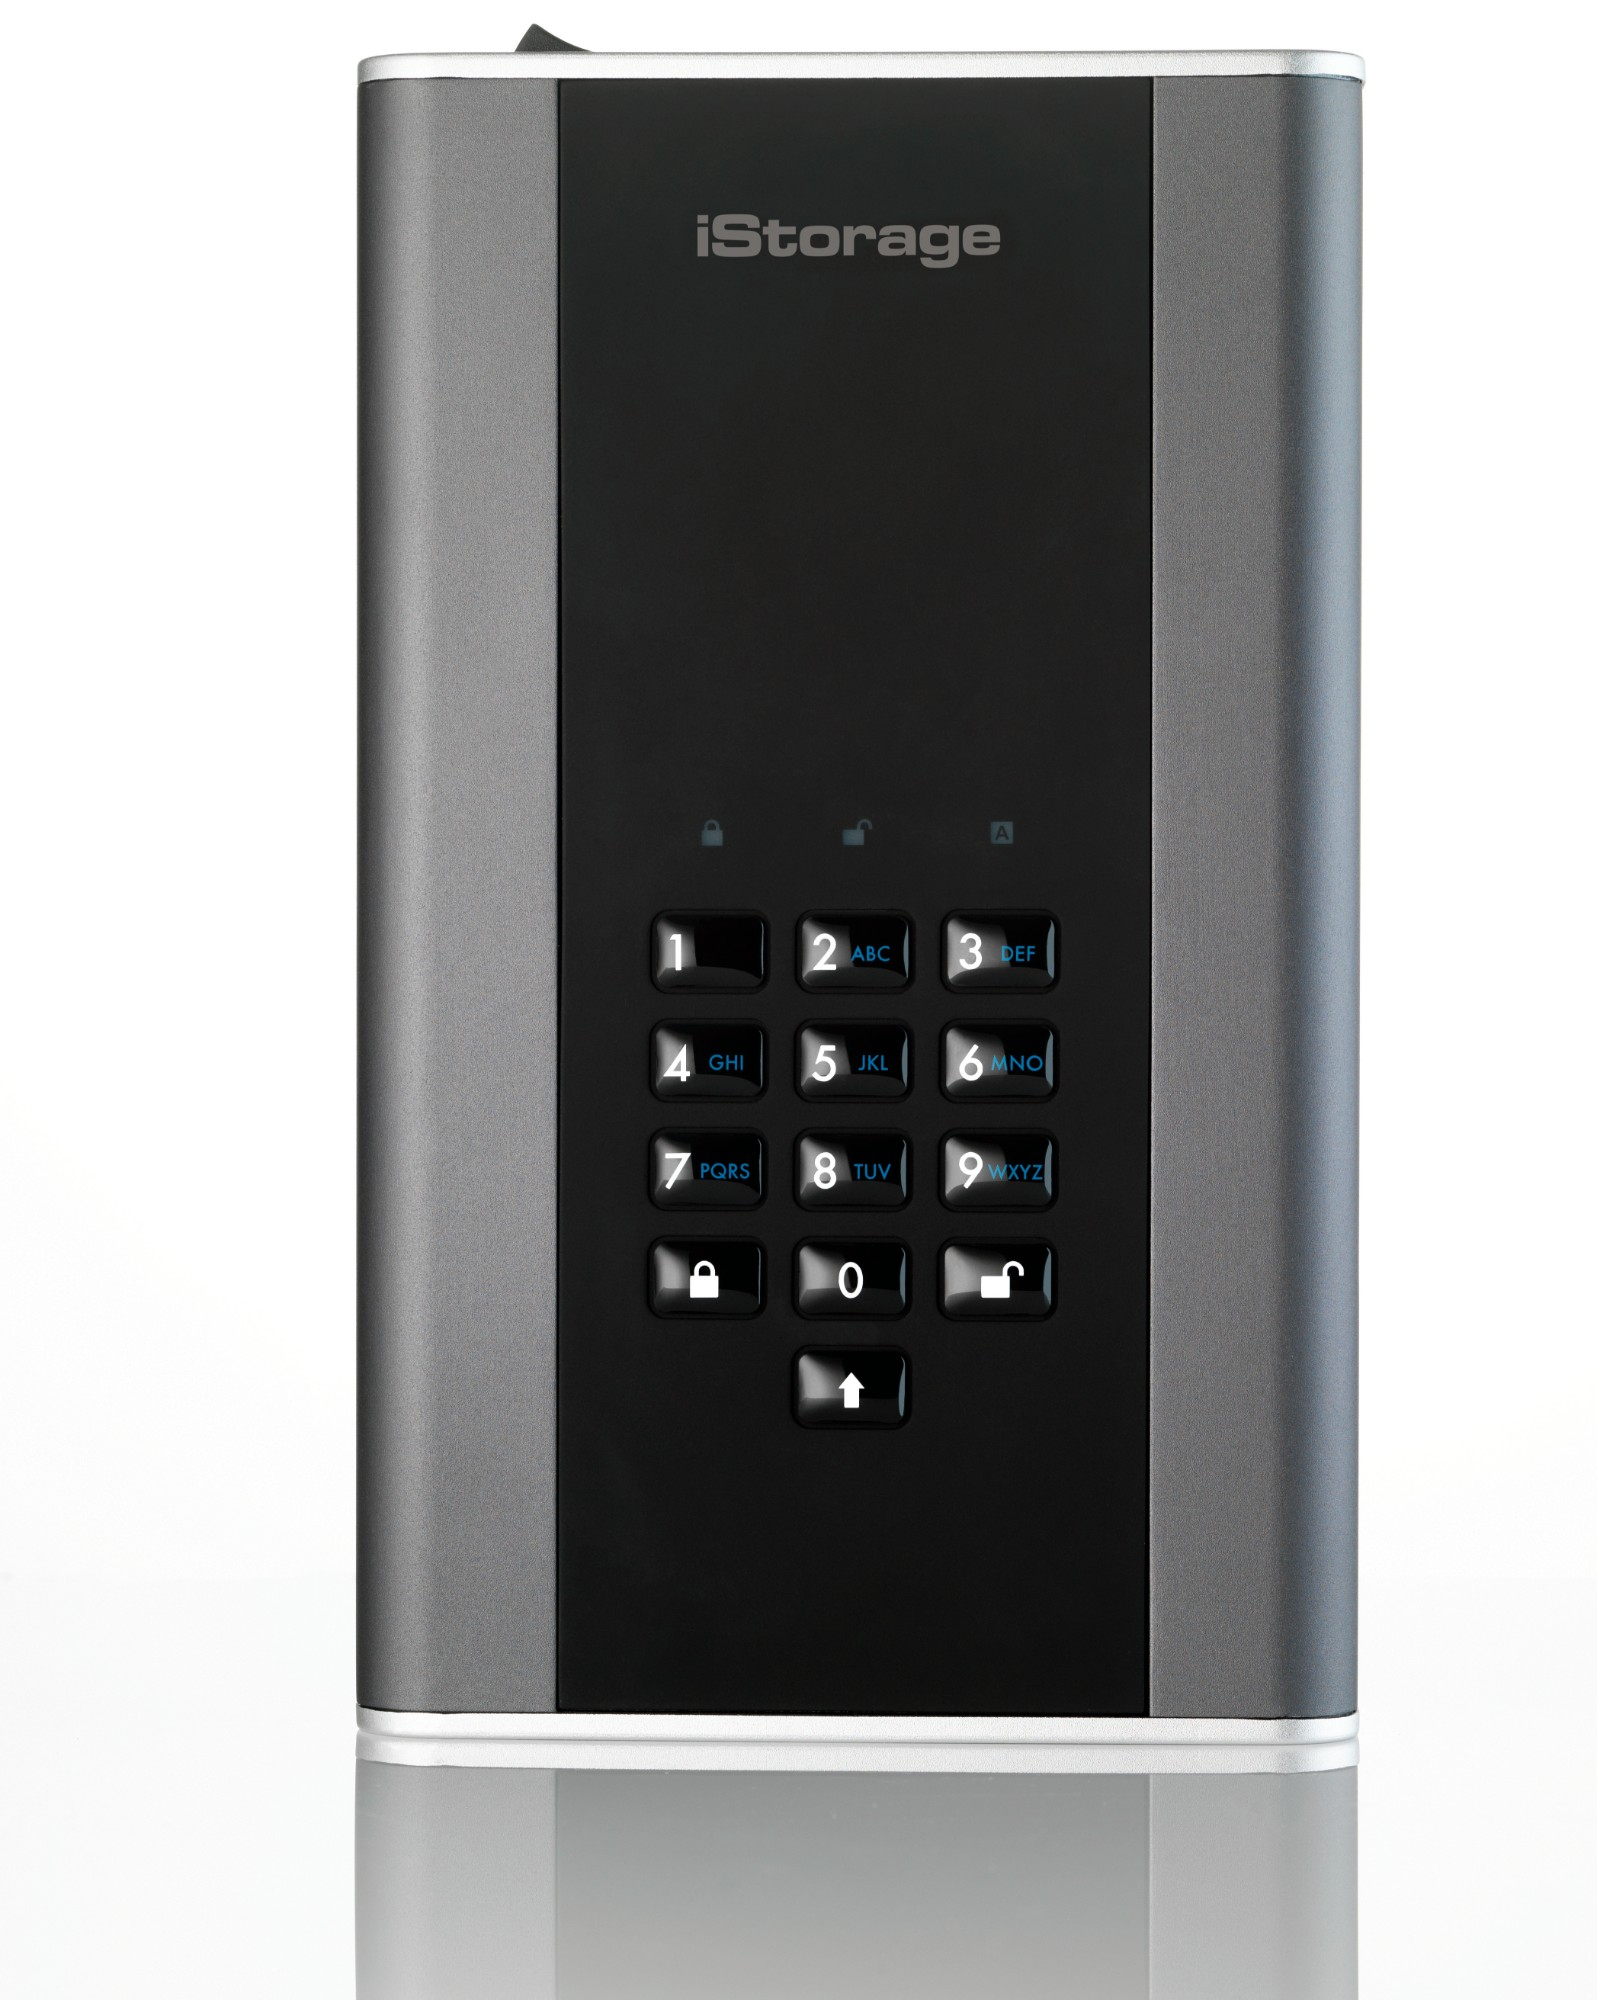 iStorage diskAshur DT 2 6000GB Black,Graphite external hard drive